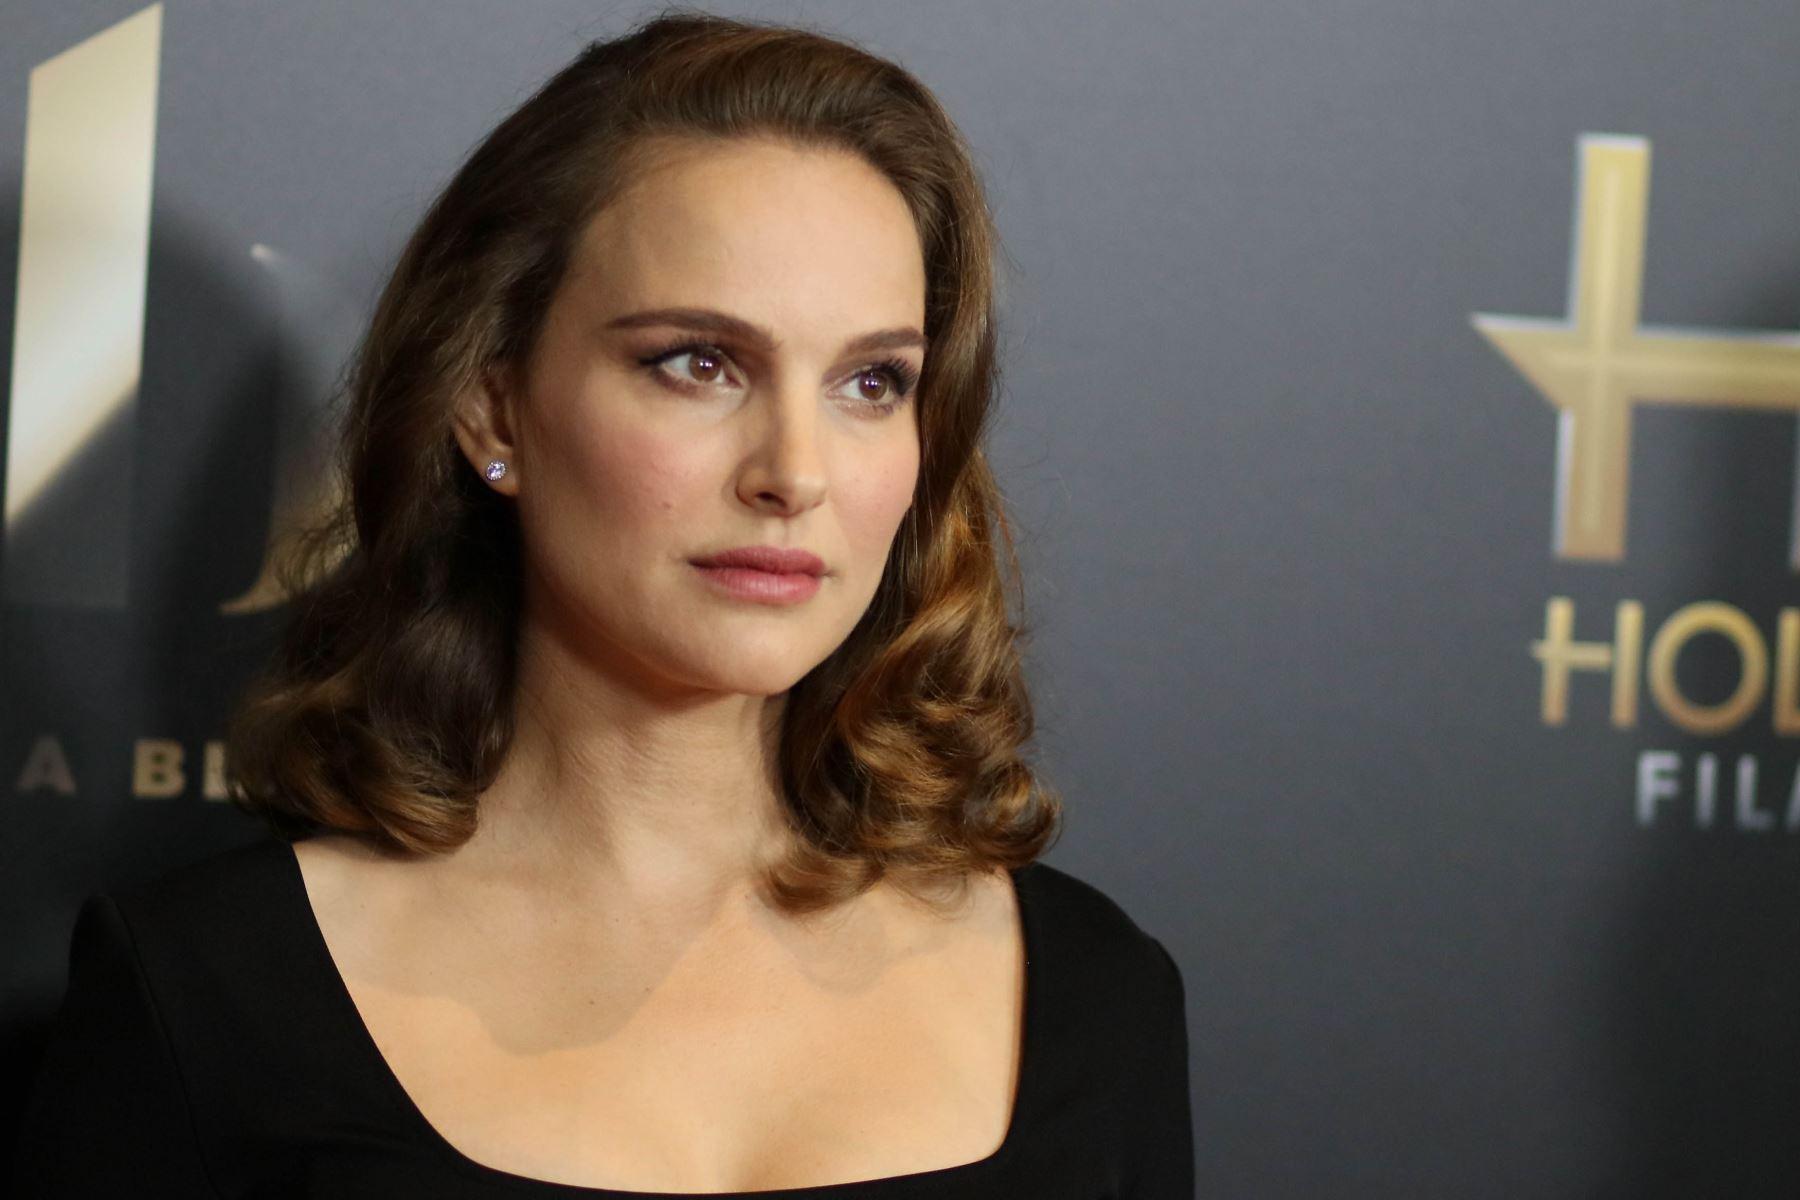 """Natalie Portman (Actriz) """"Las mujeres inteligentes aman hombres inteligentes más de lo que los hombres inteligentes las aman a ellas"""". Foto: AFP"""